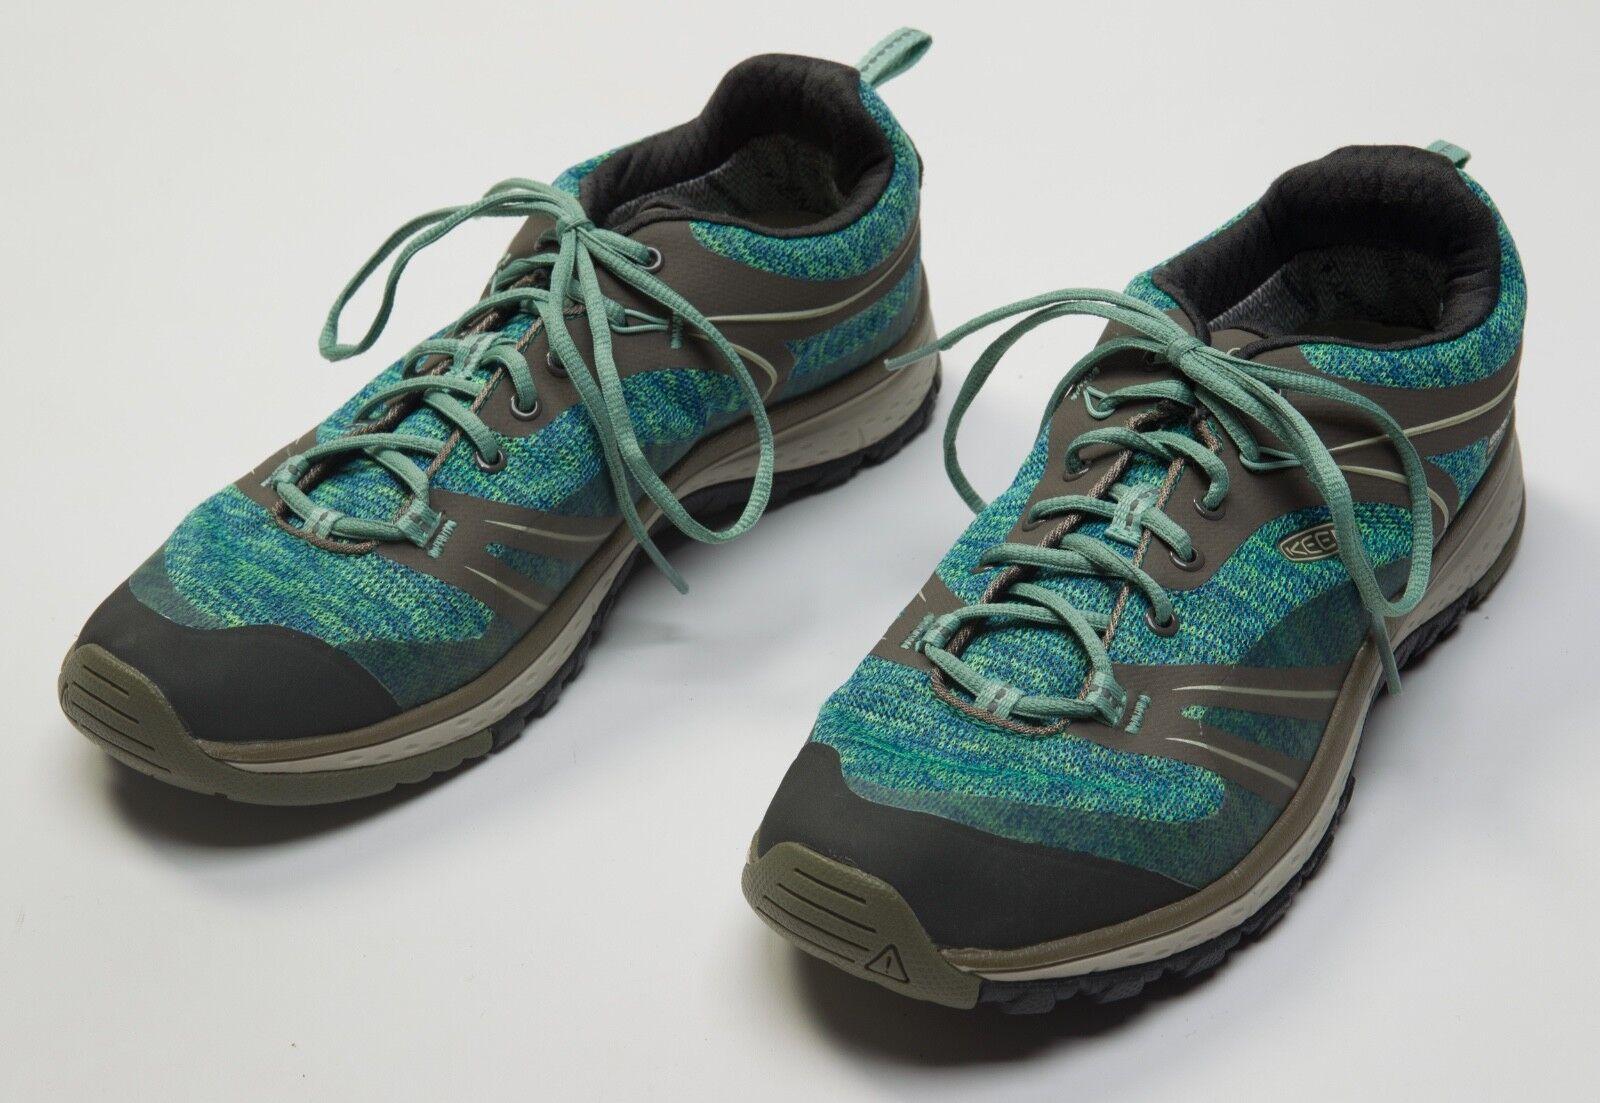 Women's KEEN TerraDora Low Waterproof WP Hiking Trail Shoes Size Sz US 9 US9